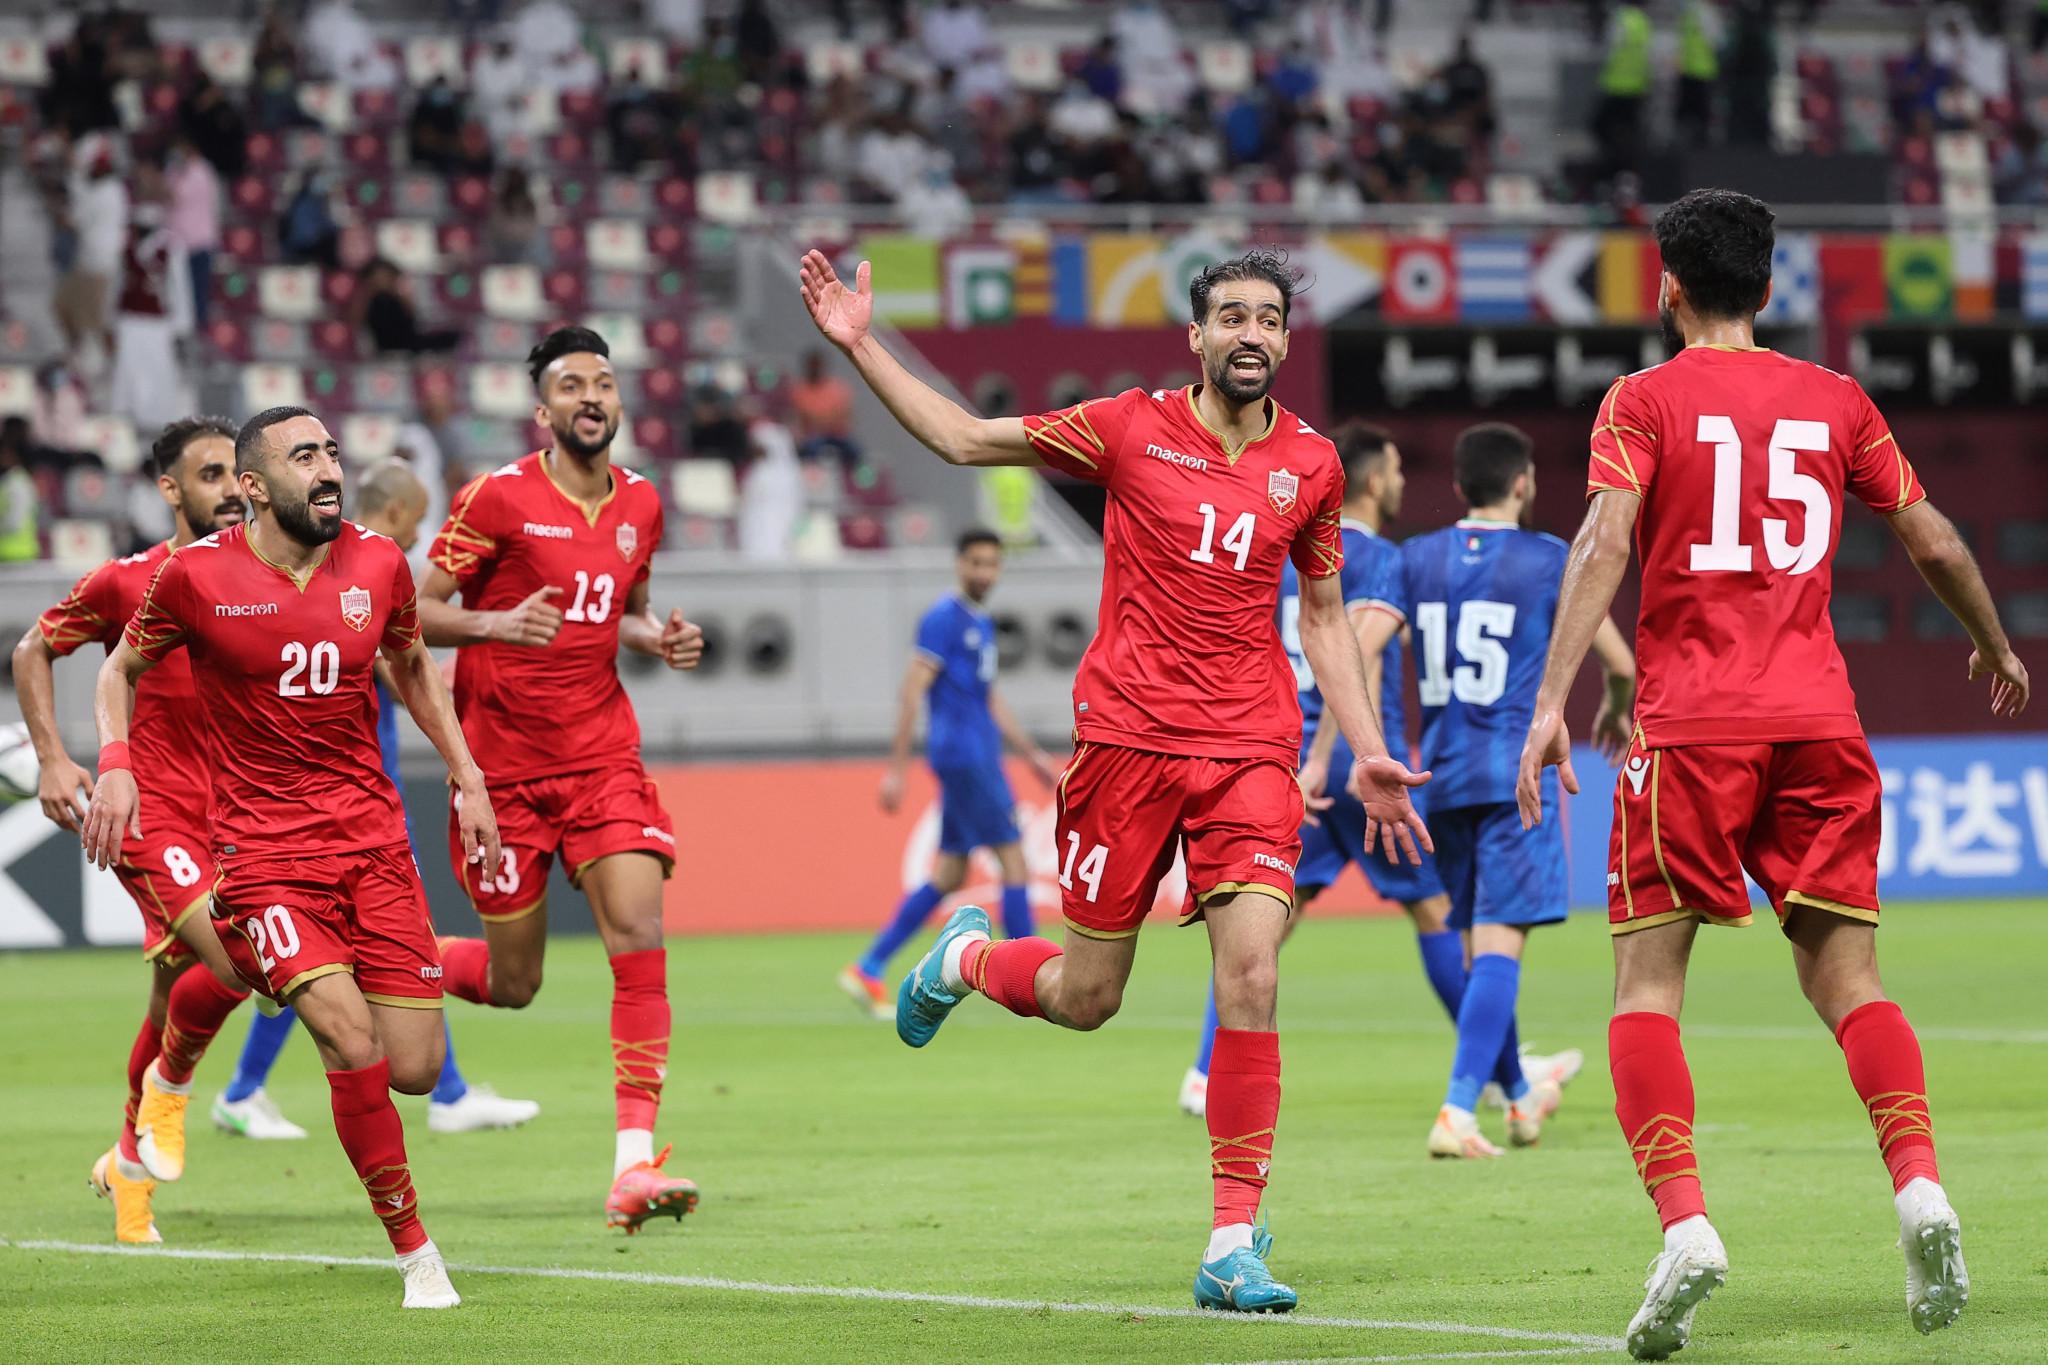 البحرين أحد المنتخبات التي تأهلت بالتأهل لكأس FIFA العربية © Getty Images